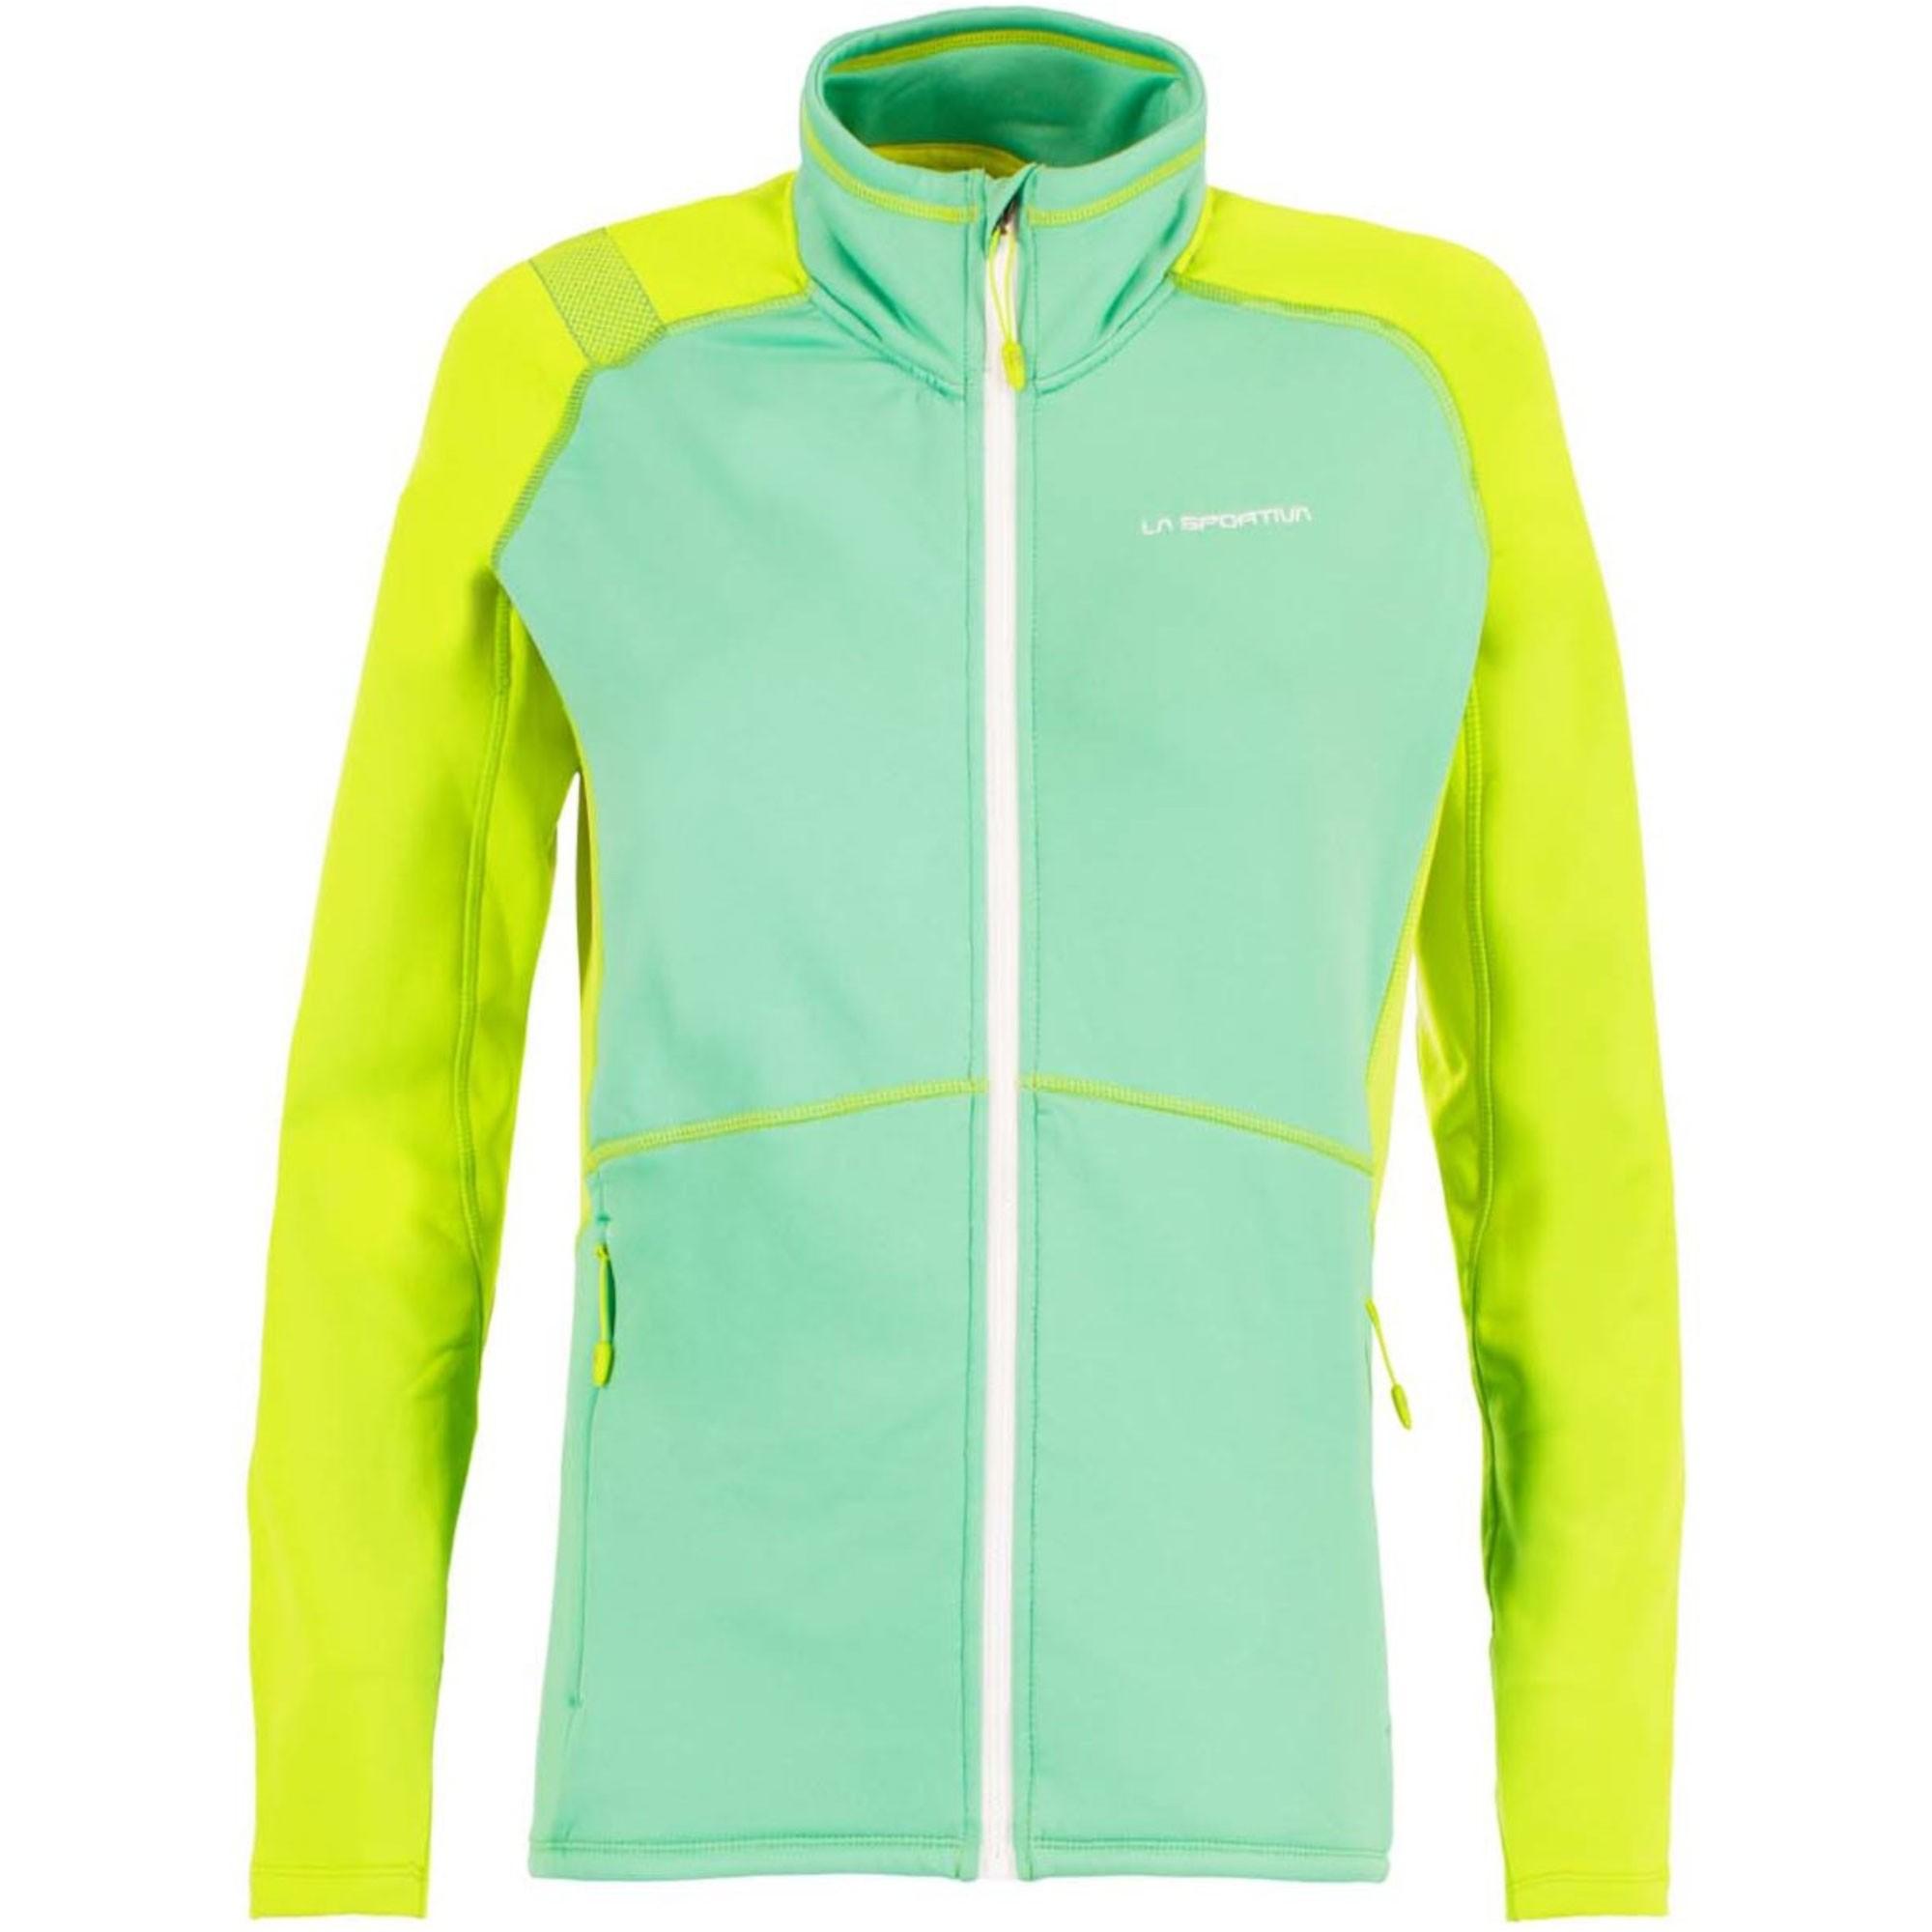 LA SPORTIVA Luna Women's Fleece Jacket - Spruce/Apple Green